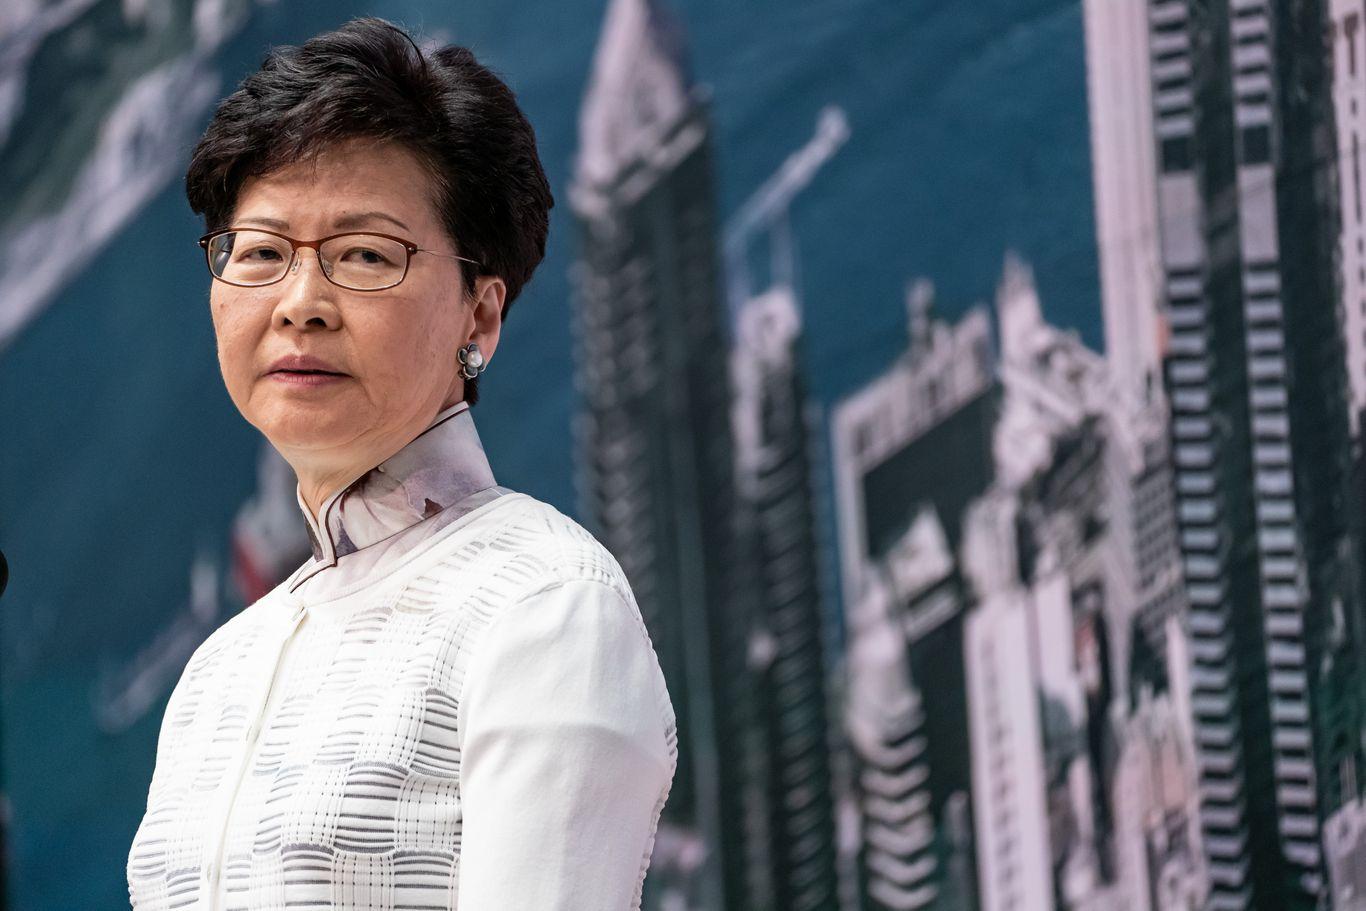 U.S. sanctions Hong Kong leader Carrie Lam